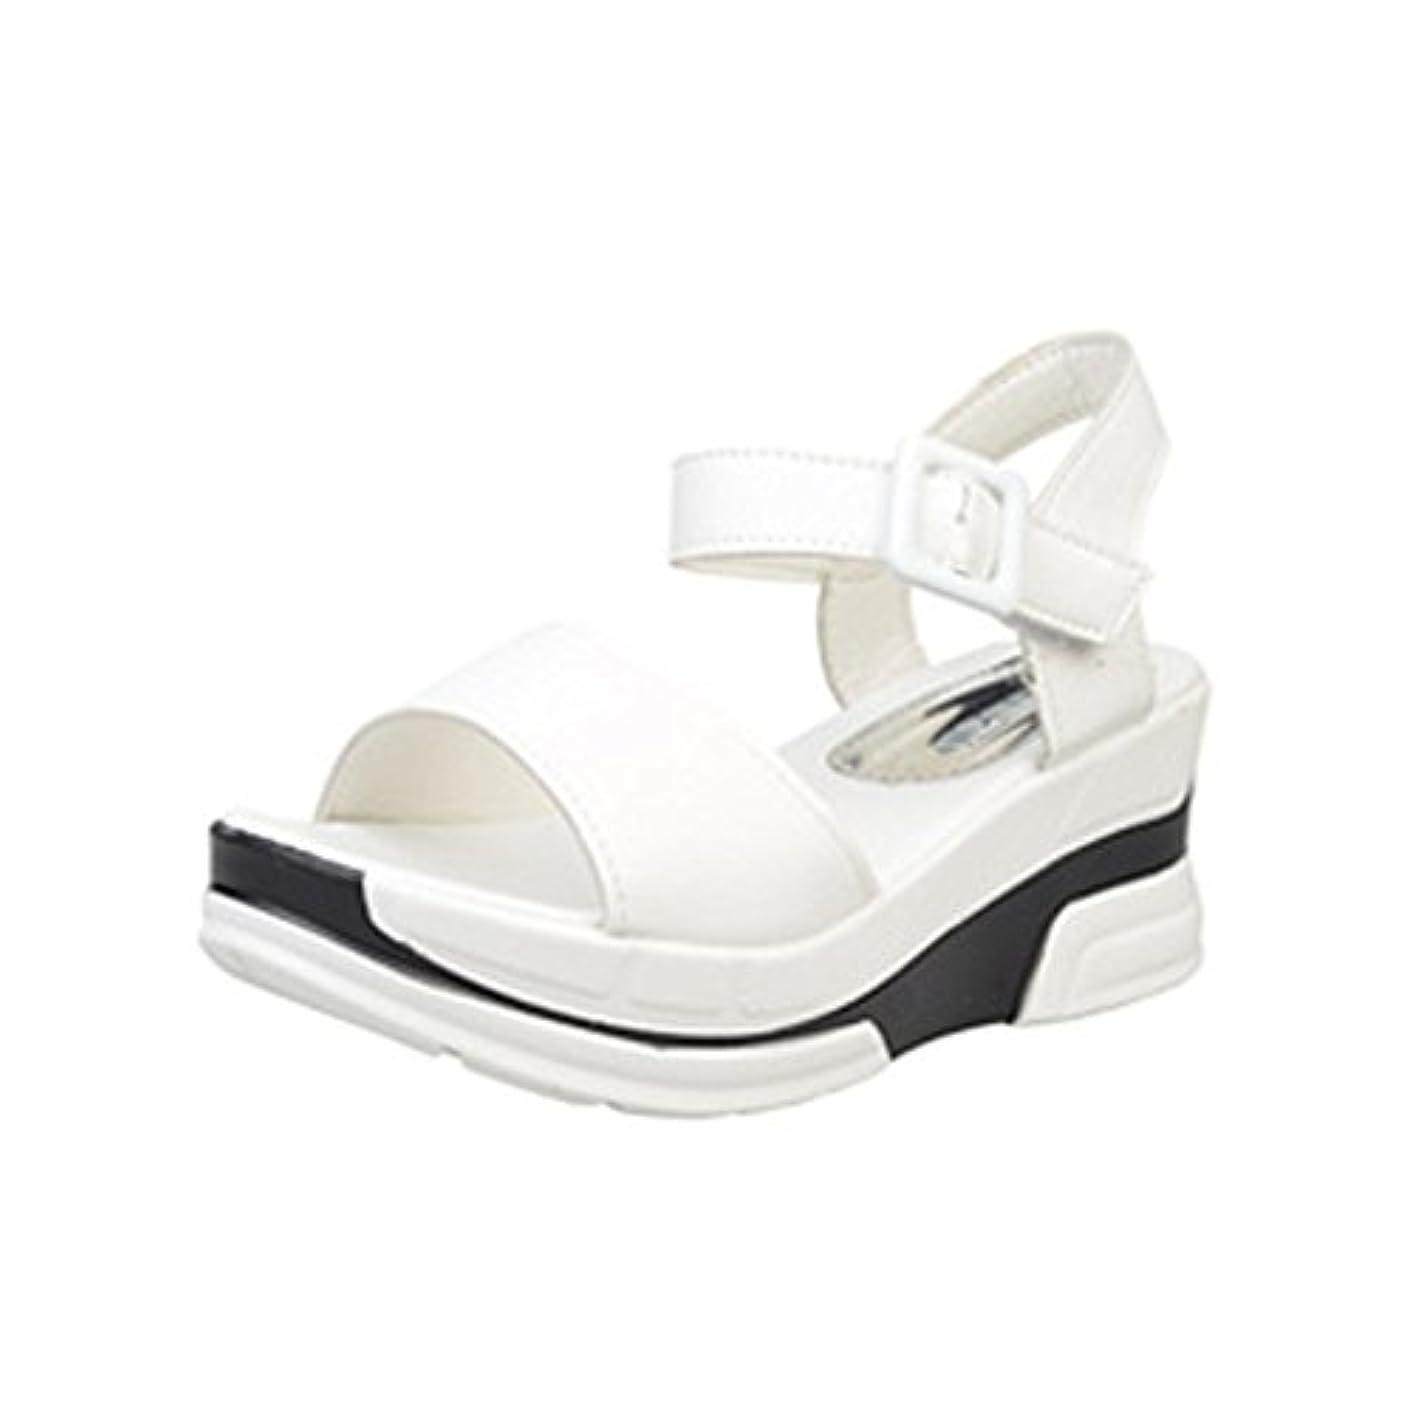 軽量本質的に合成[シューズ Foreted] サンダル フラット アンクルストラップ 美脚 フォーマル 厚底 おしゃれ 夏 歩きやすい コンフォート ウェッジソール ぺたんこ靴 可愛い